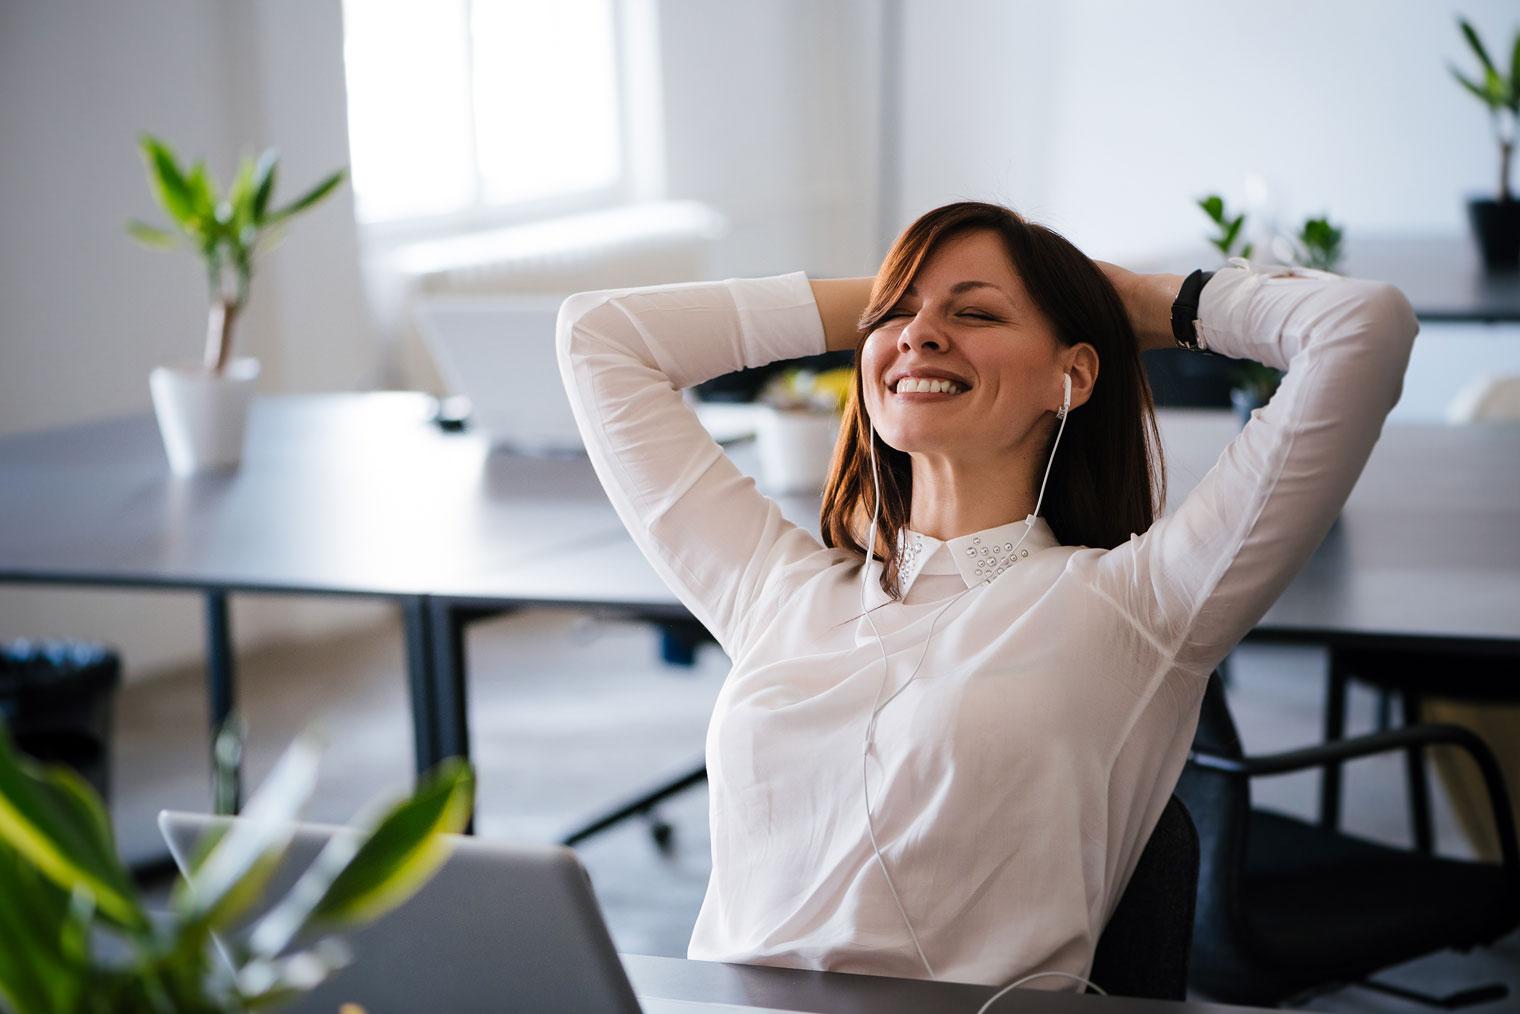 Smilende kvinne som lener seg tilbake i kontorstol